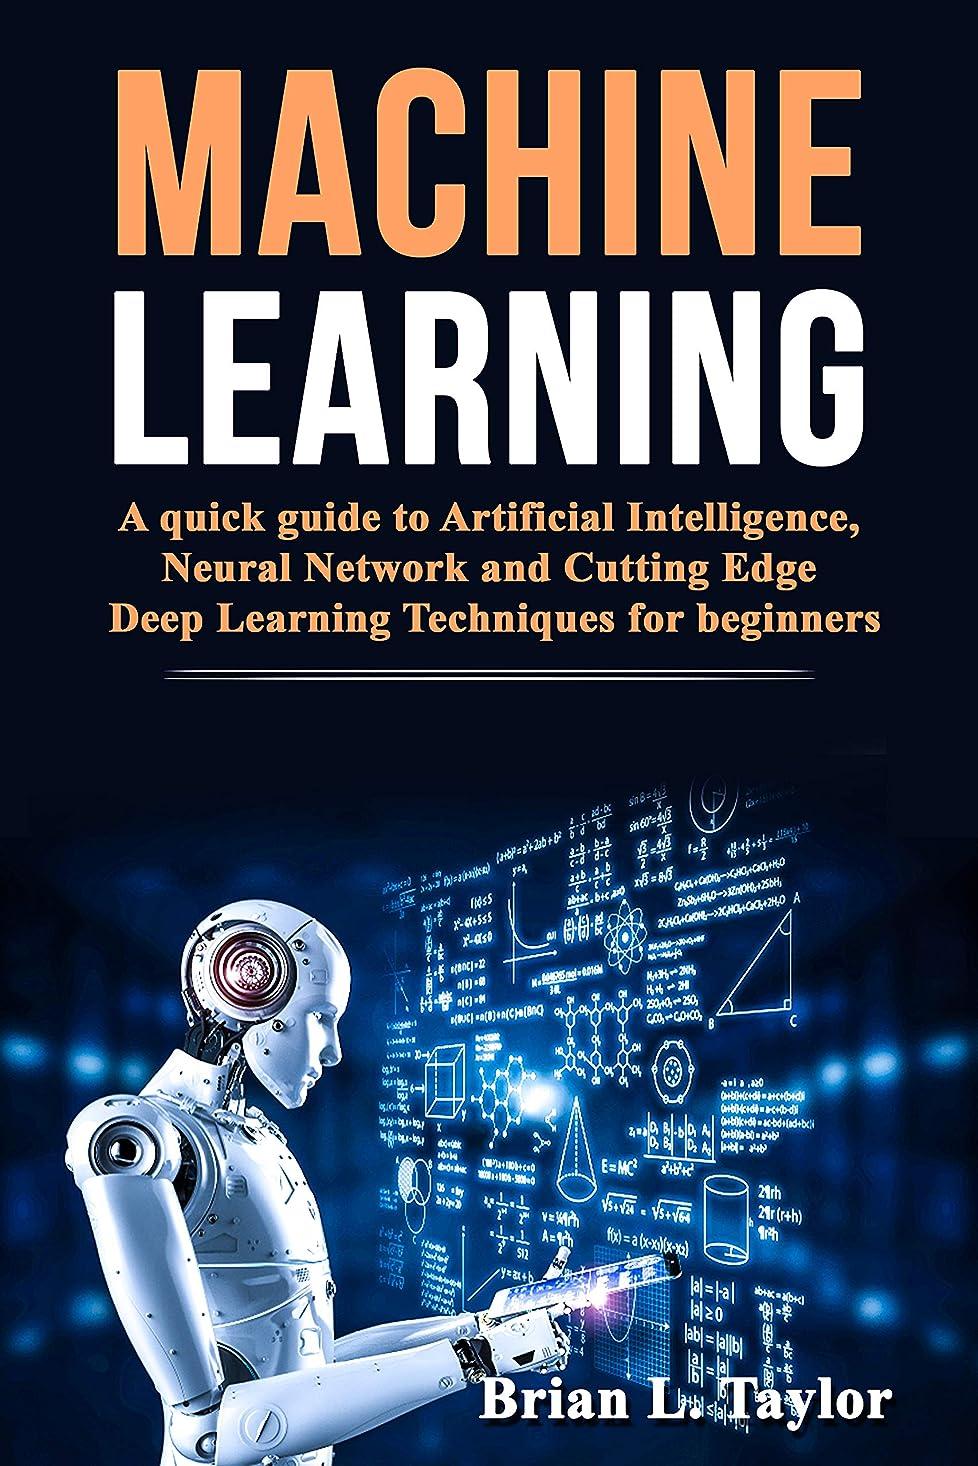 囲いうがい腐敗Machine Learning: A quick guide to Artificial Intelligence, Neural Network and Cutting Edge Deep Learning Techniques for beginners (English Edition)